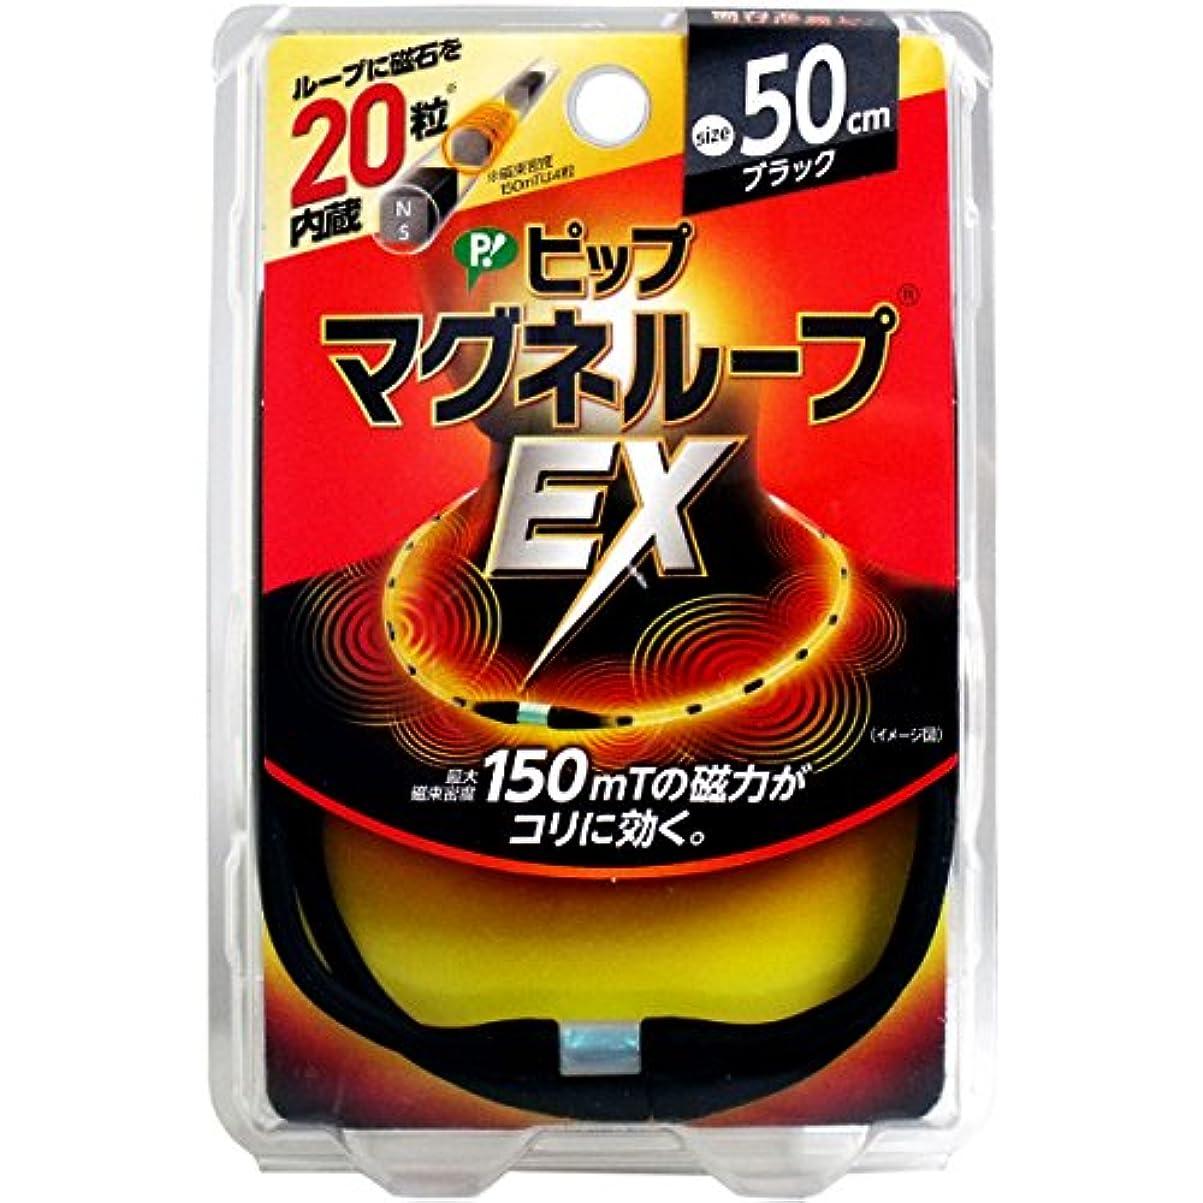 ヒール引き付ける私【ピップ】マグネループEX 高磁力タイプ ブラック 50cm ×10個セット